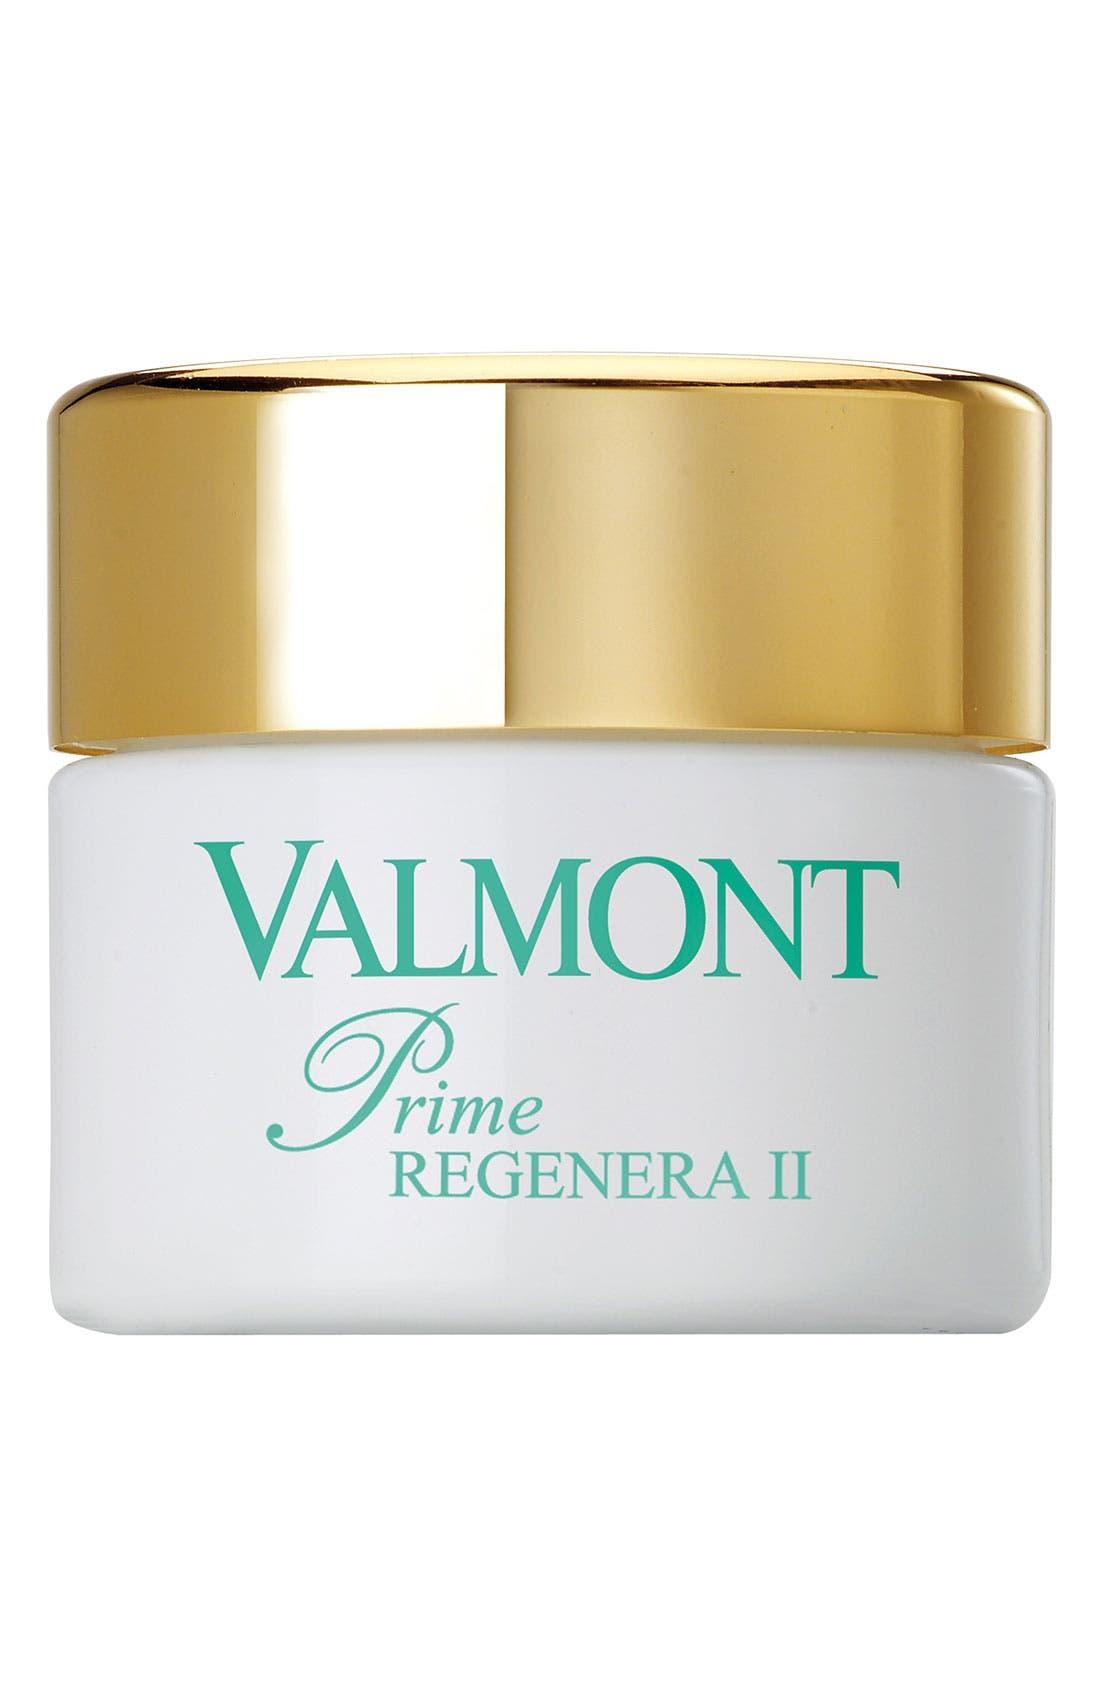 Valmont 'Prime Regenera II' Cream